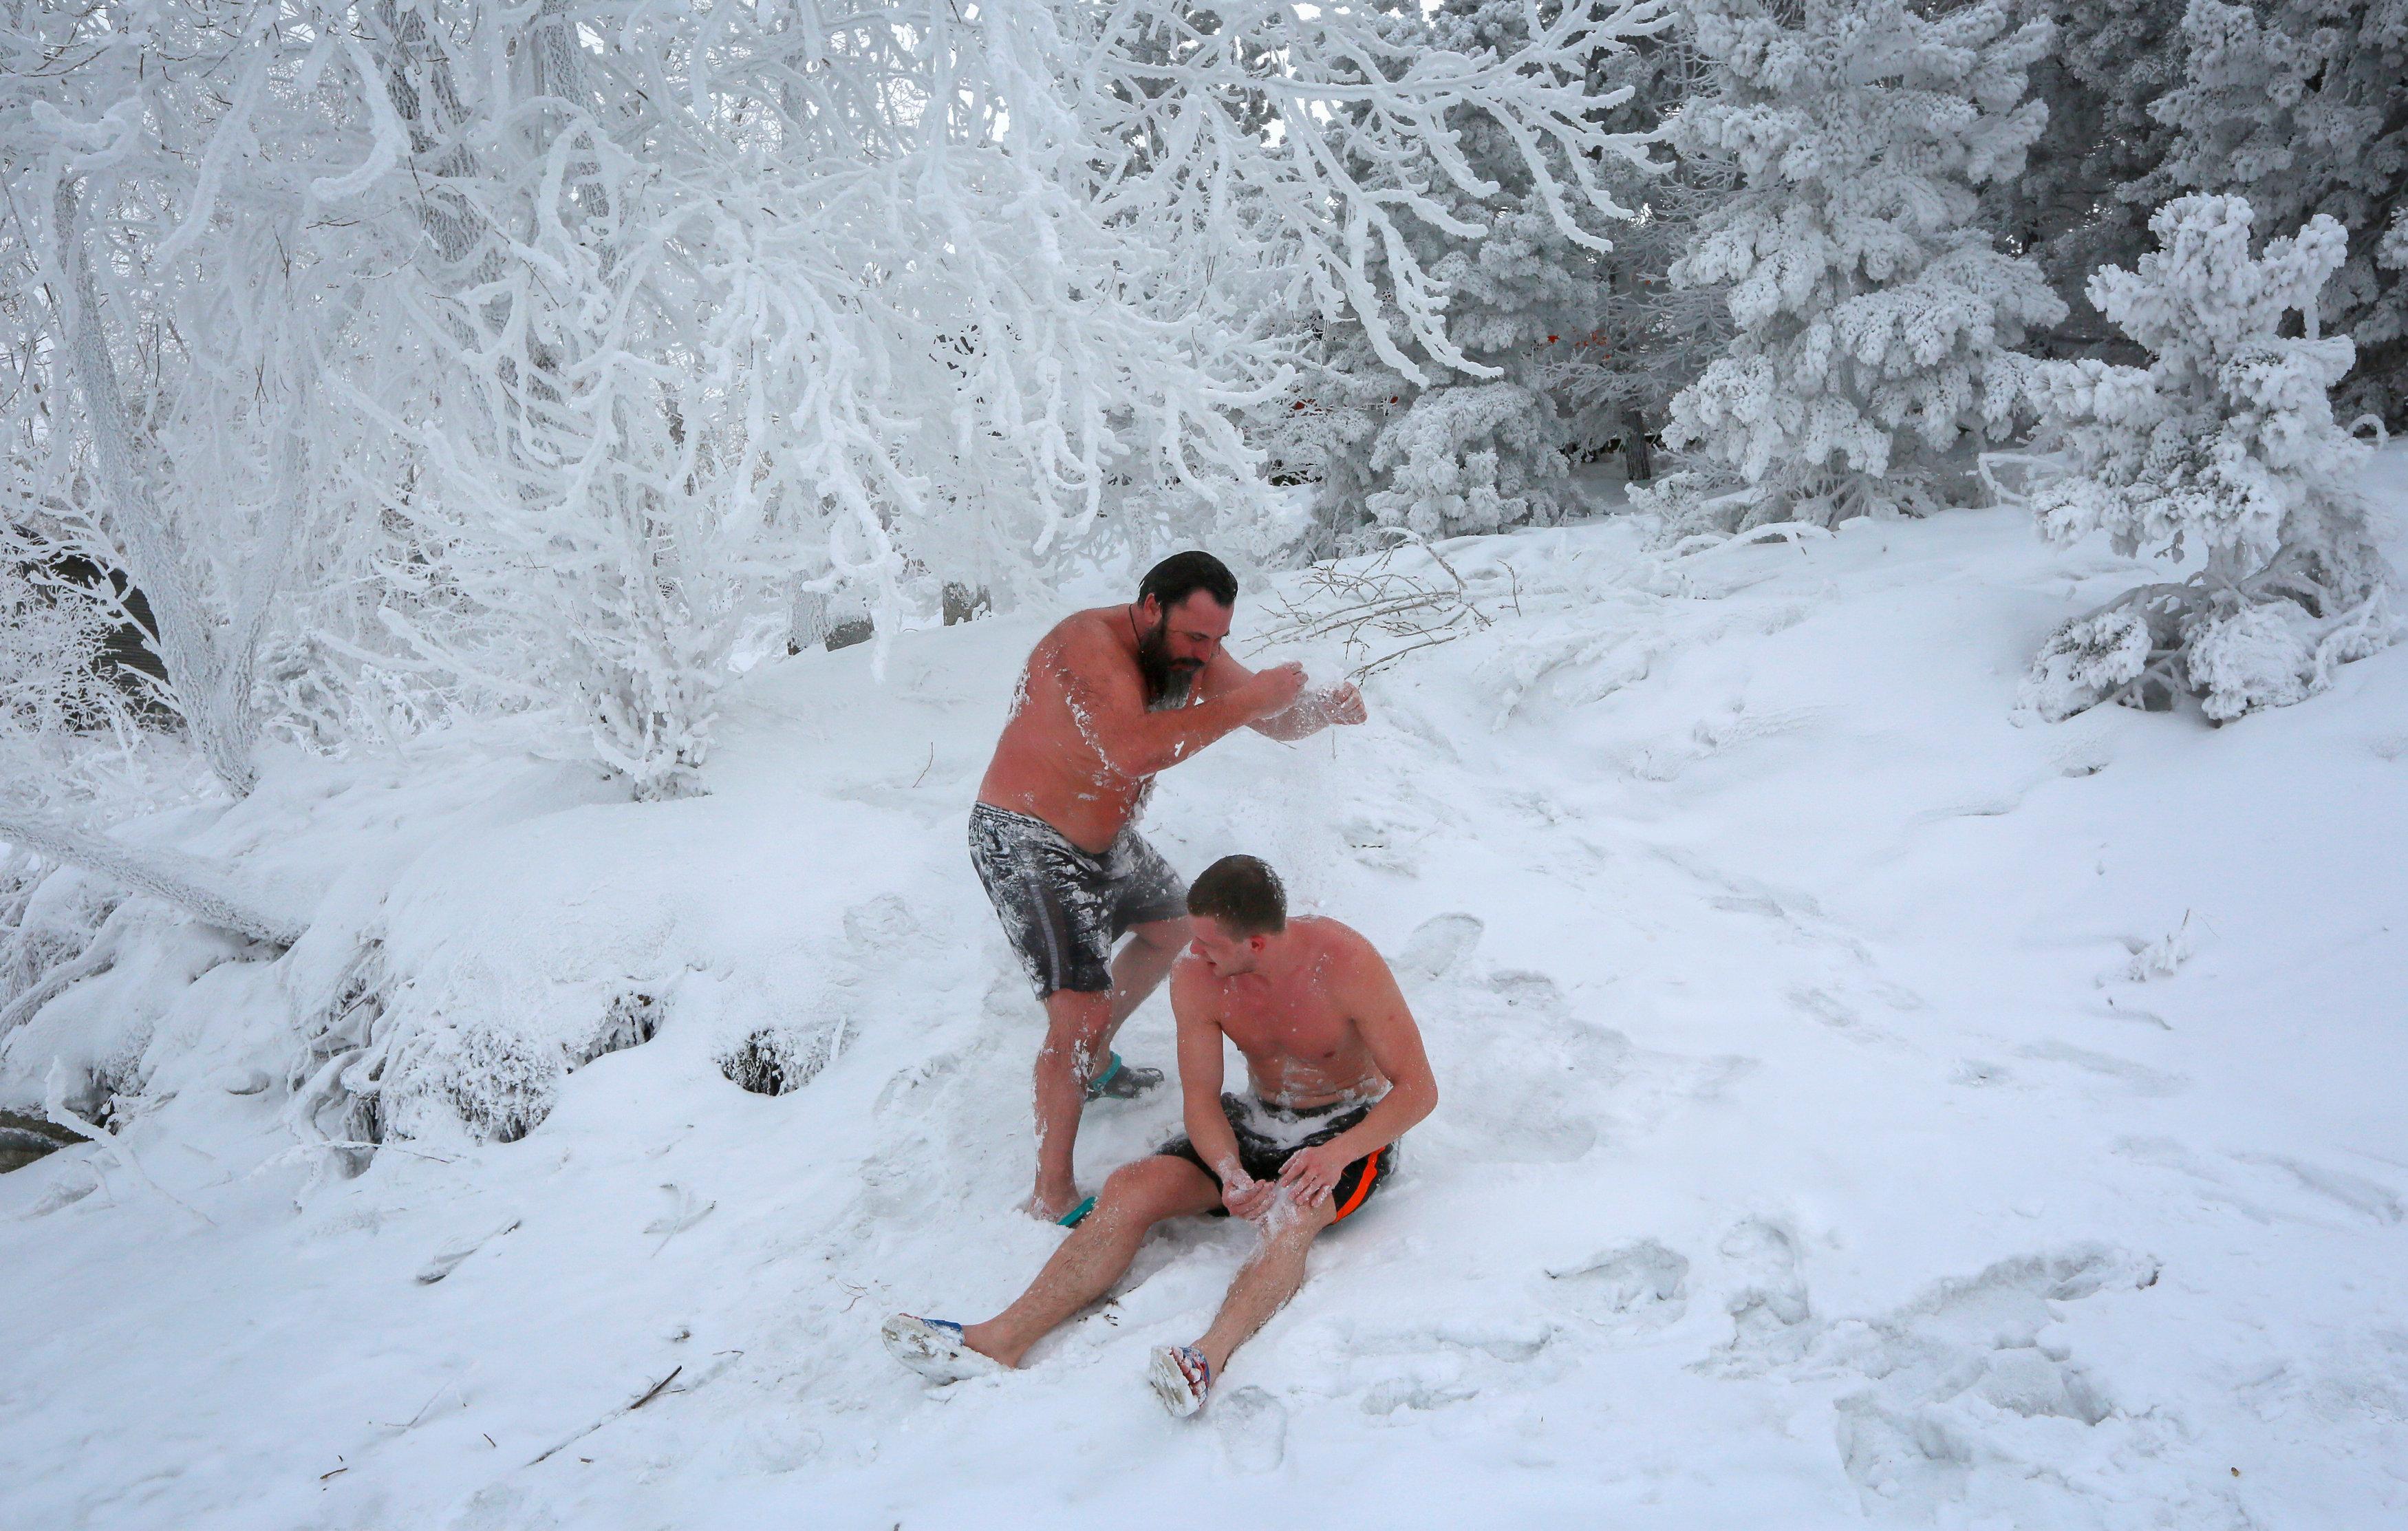 روس يتحدون الصقيع و يسبحون فى درجة حرارة تحت الصفر (5)